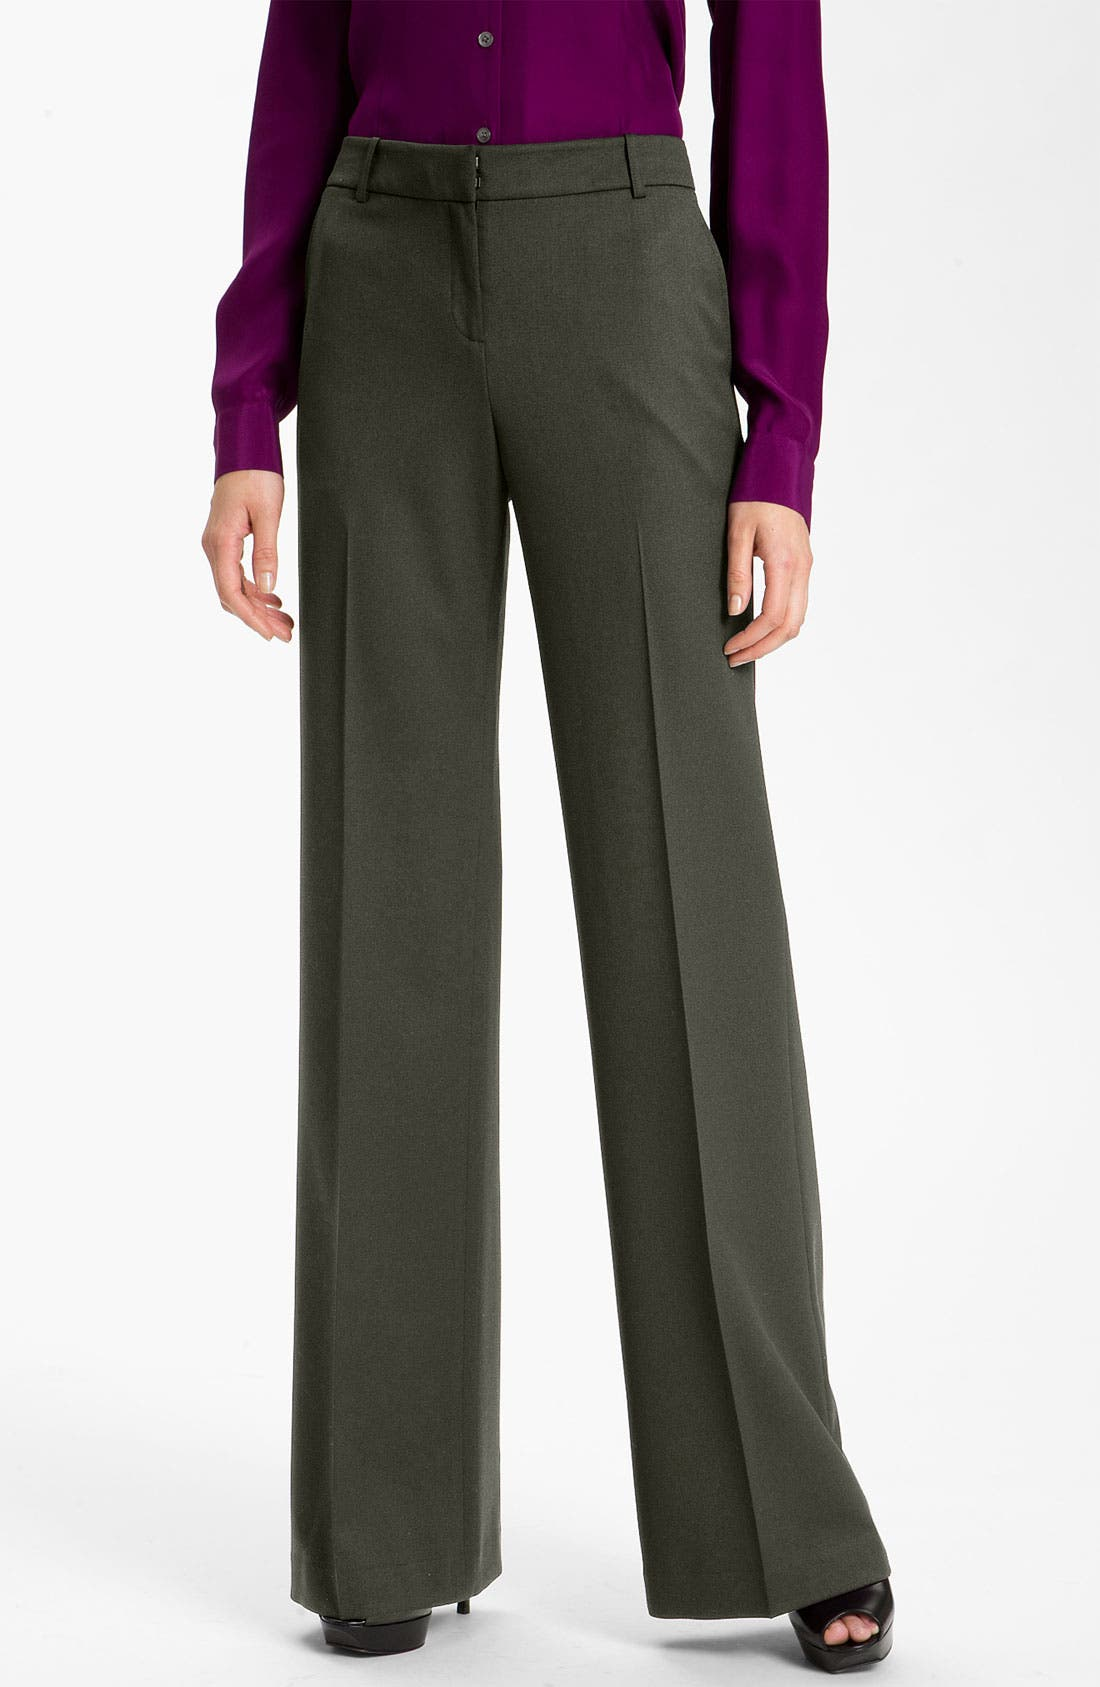 Main Image - Lafayette 148 New York Stretch Wool Pants (Petite)